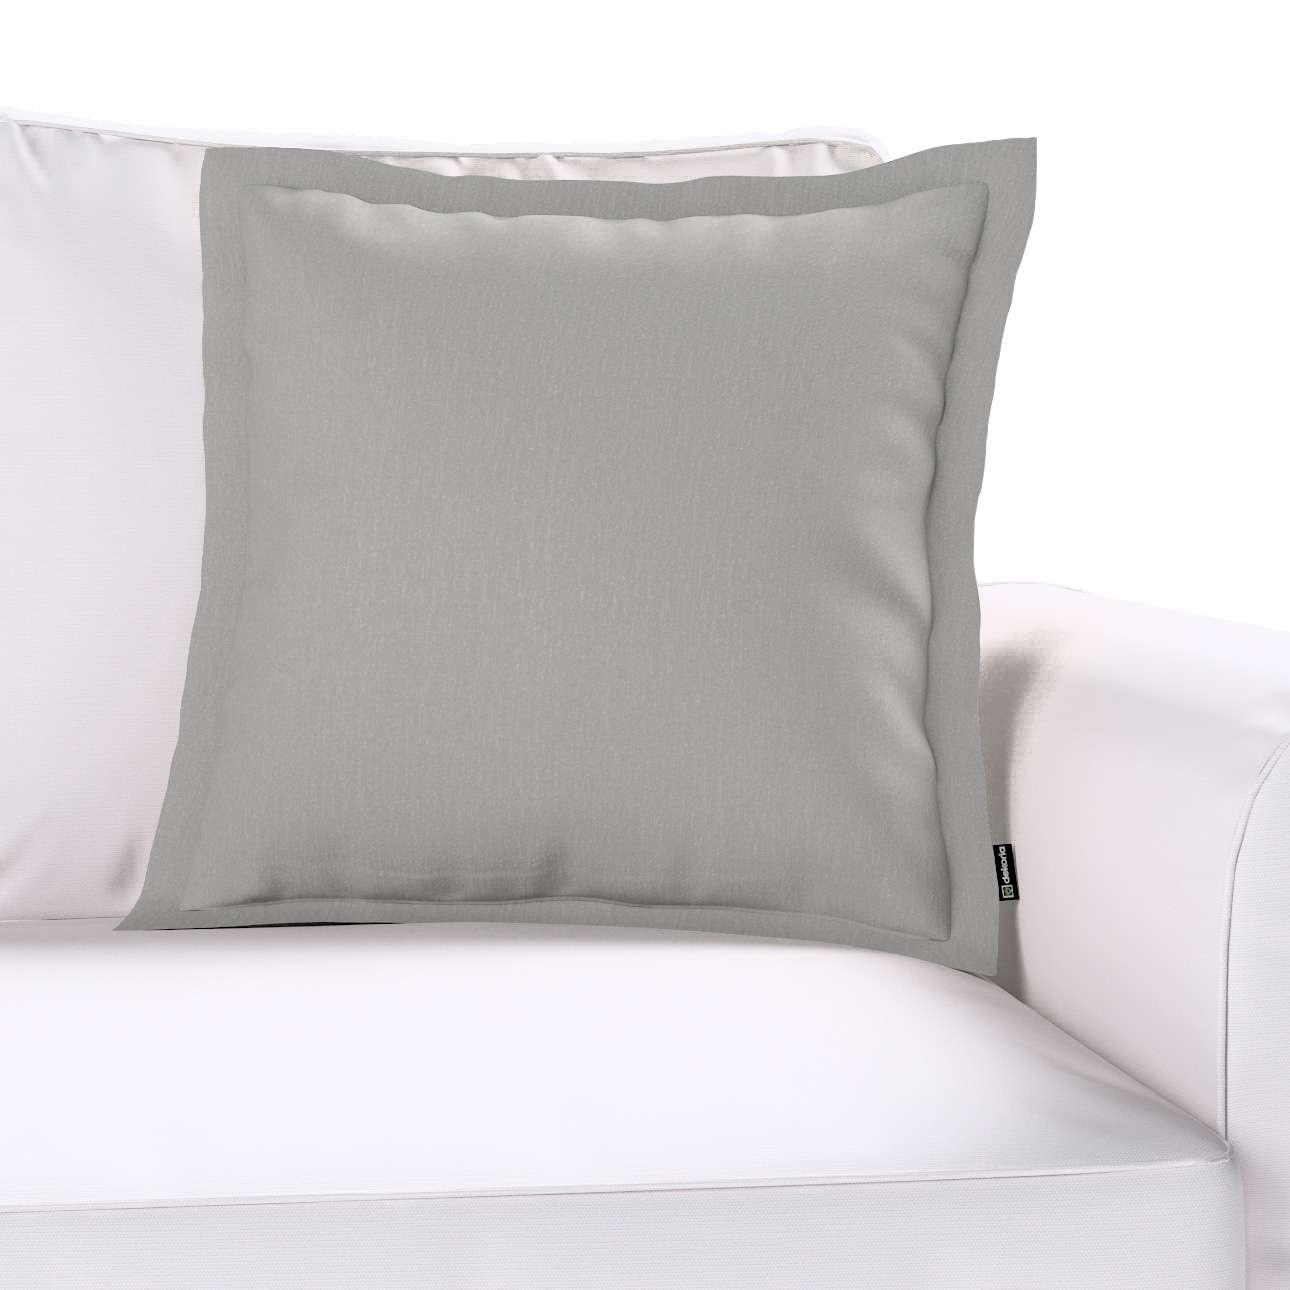 Poszewka Mona na poduszkę 45x45 cm w kolekcji Chenille, tkanina: 702-23